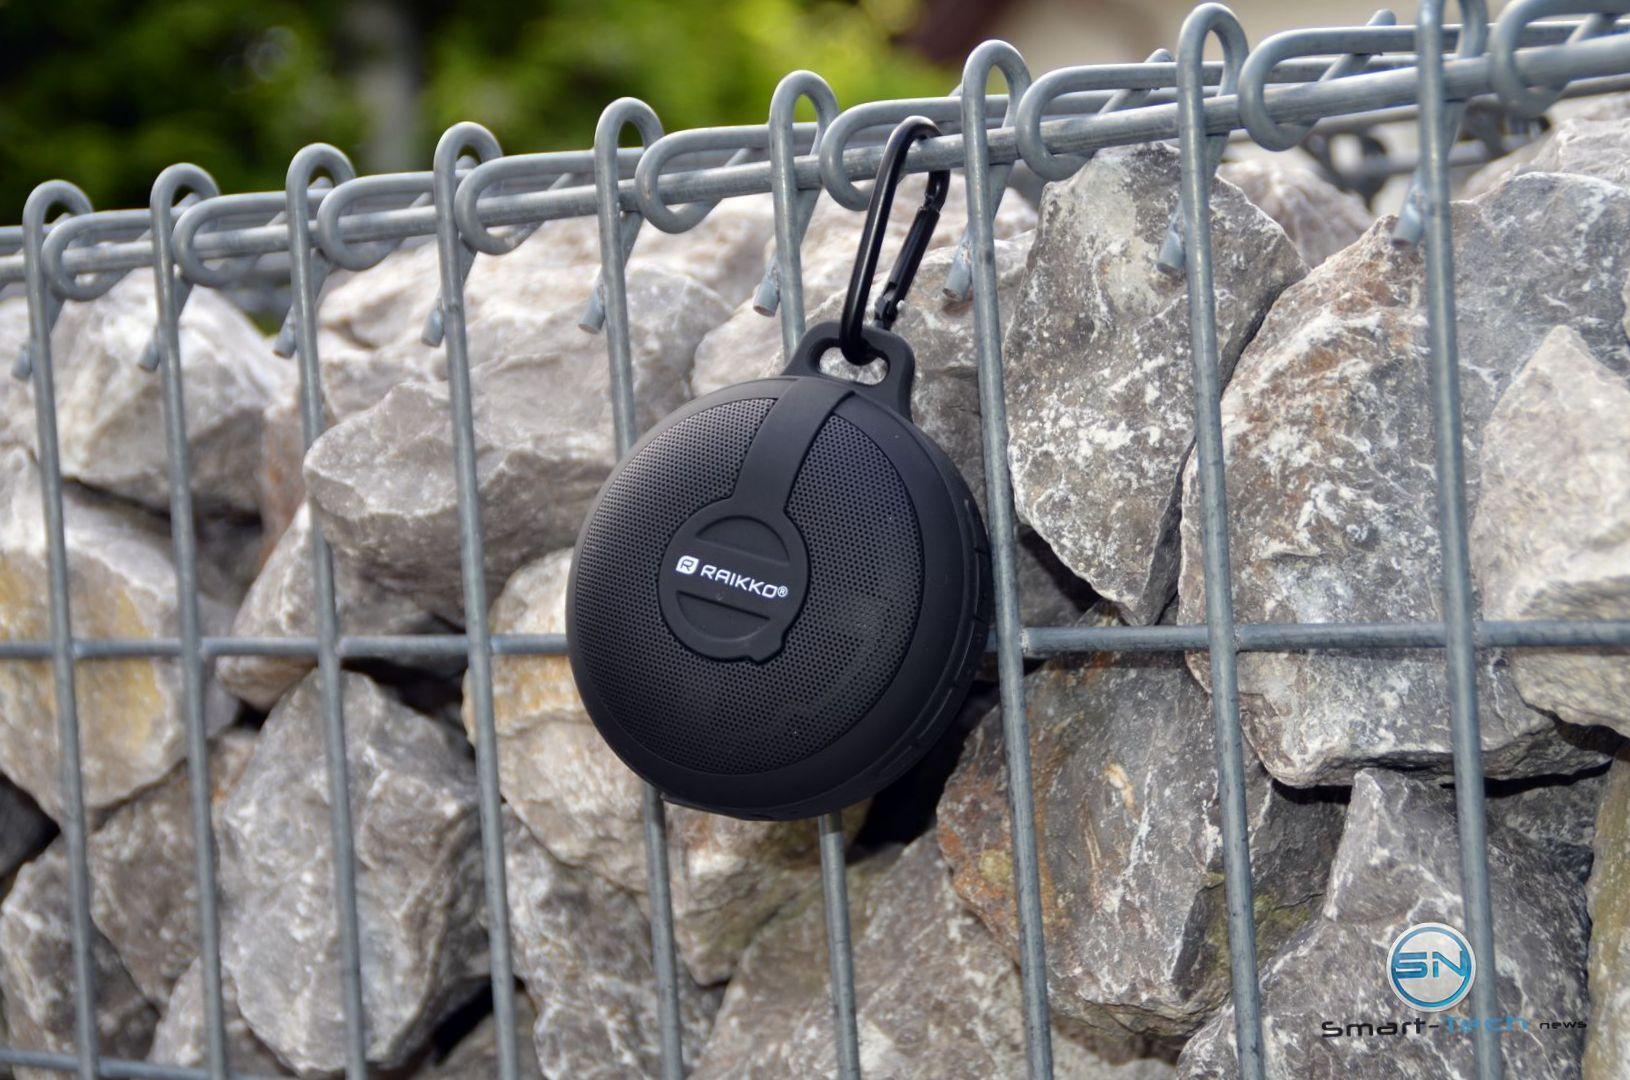 Raikko Bass Disc im Outdoor-Einsatz